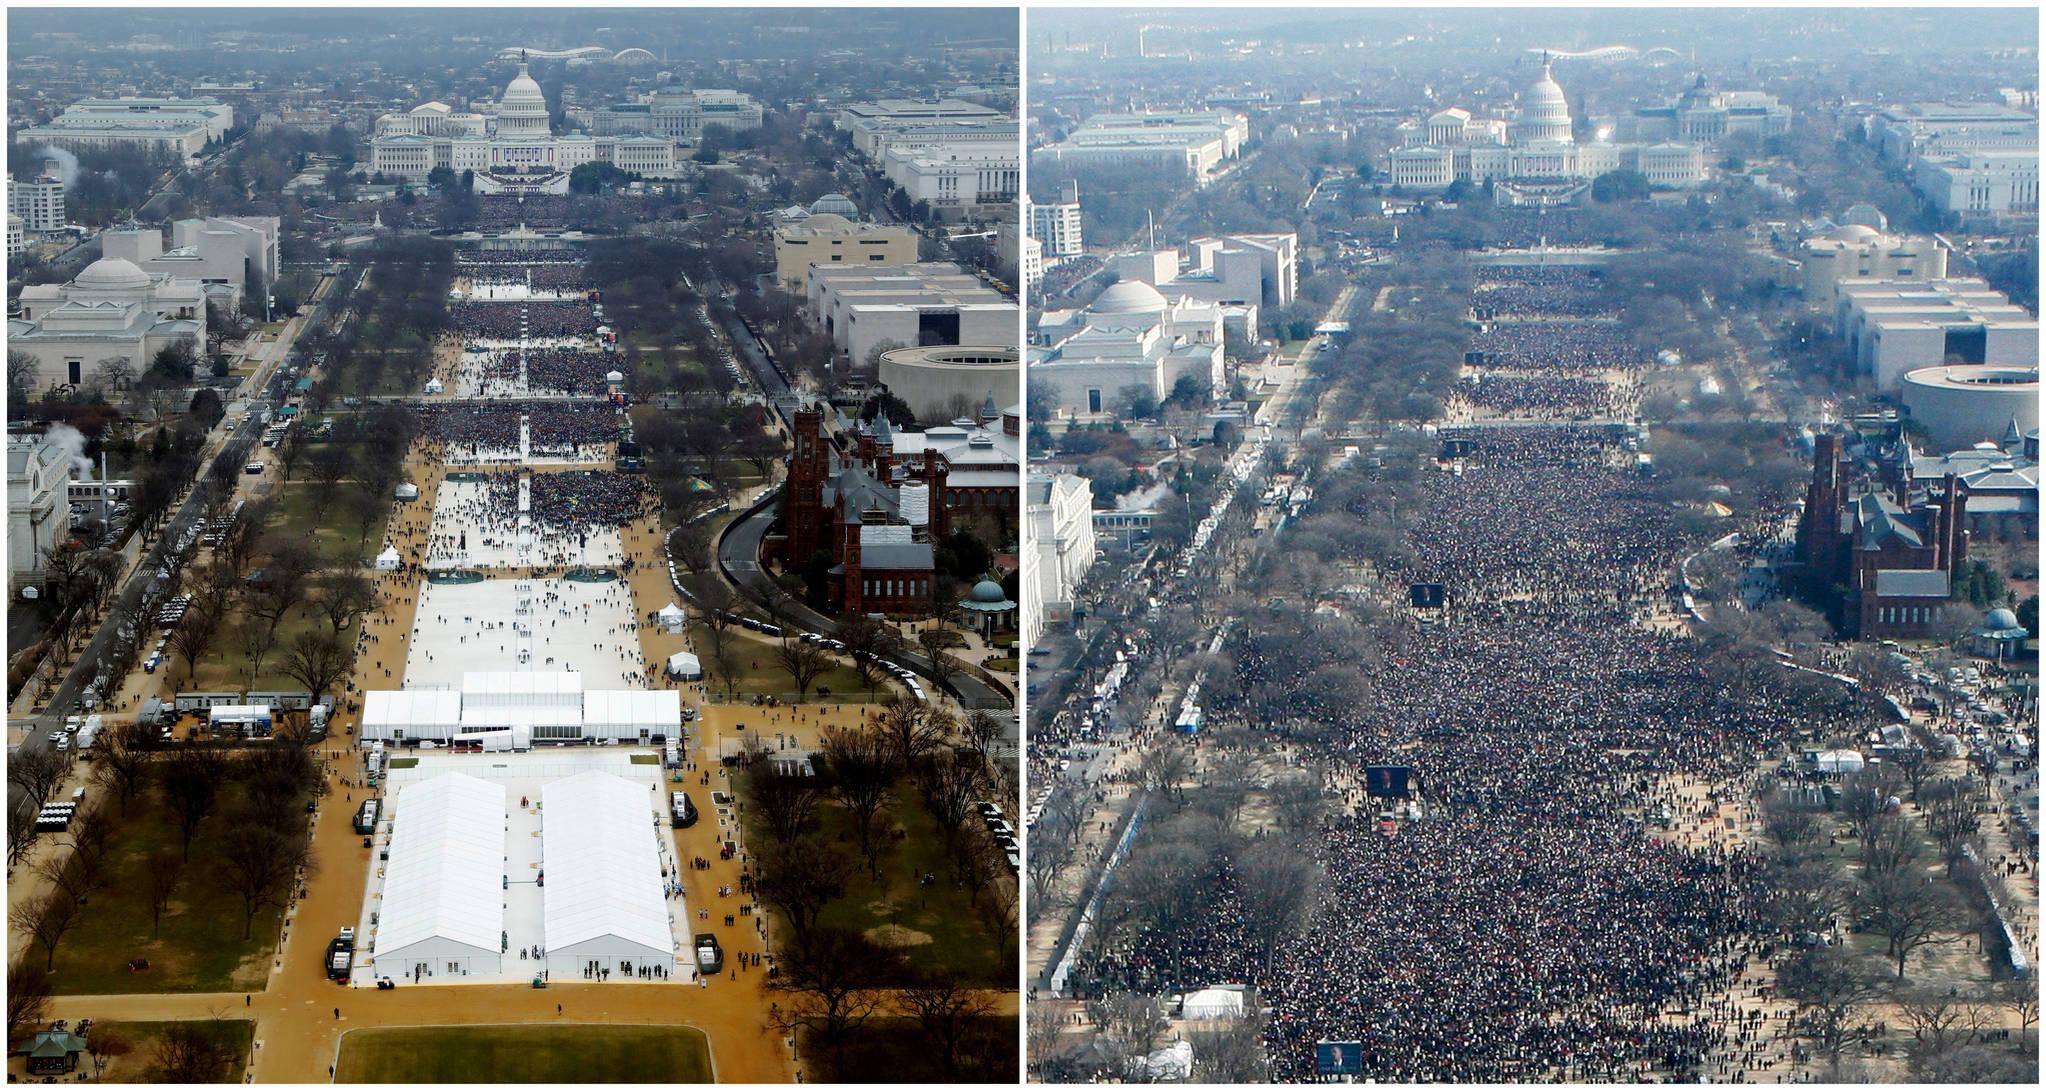 트럼프 대통령 취임식(1월 20일)과 버락 오바마 전 대통령 취임식(2009년 1월 20일)에 참석한 인파를 비교한 사진. [REUTERS=연합뉴스/Lucas Jackson (L), Stelios Varias]